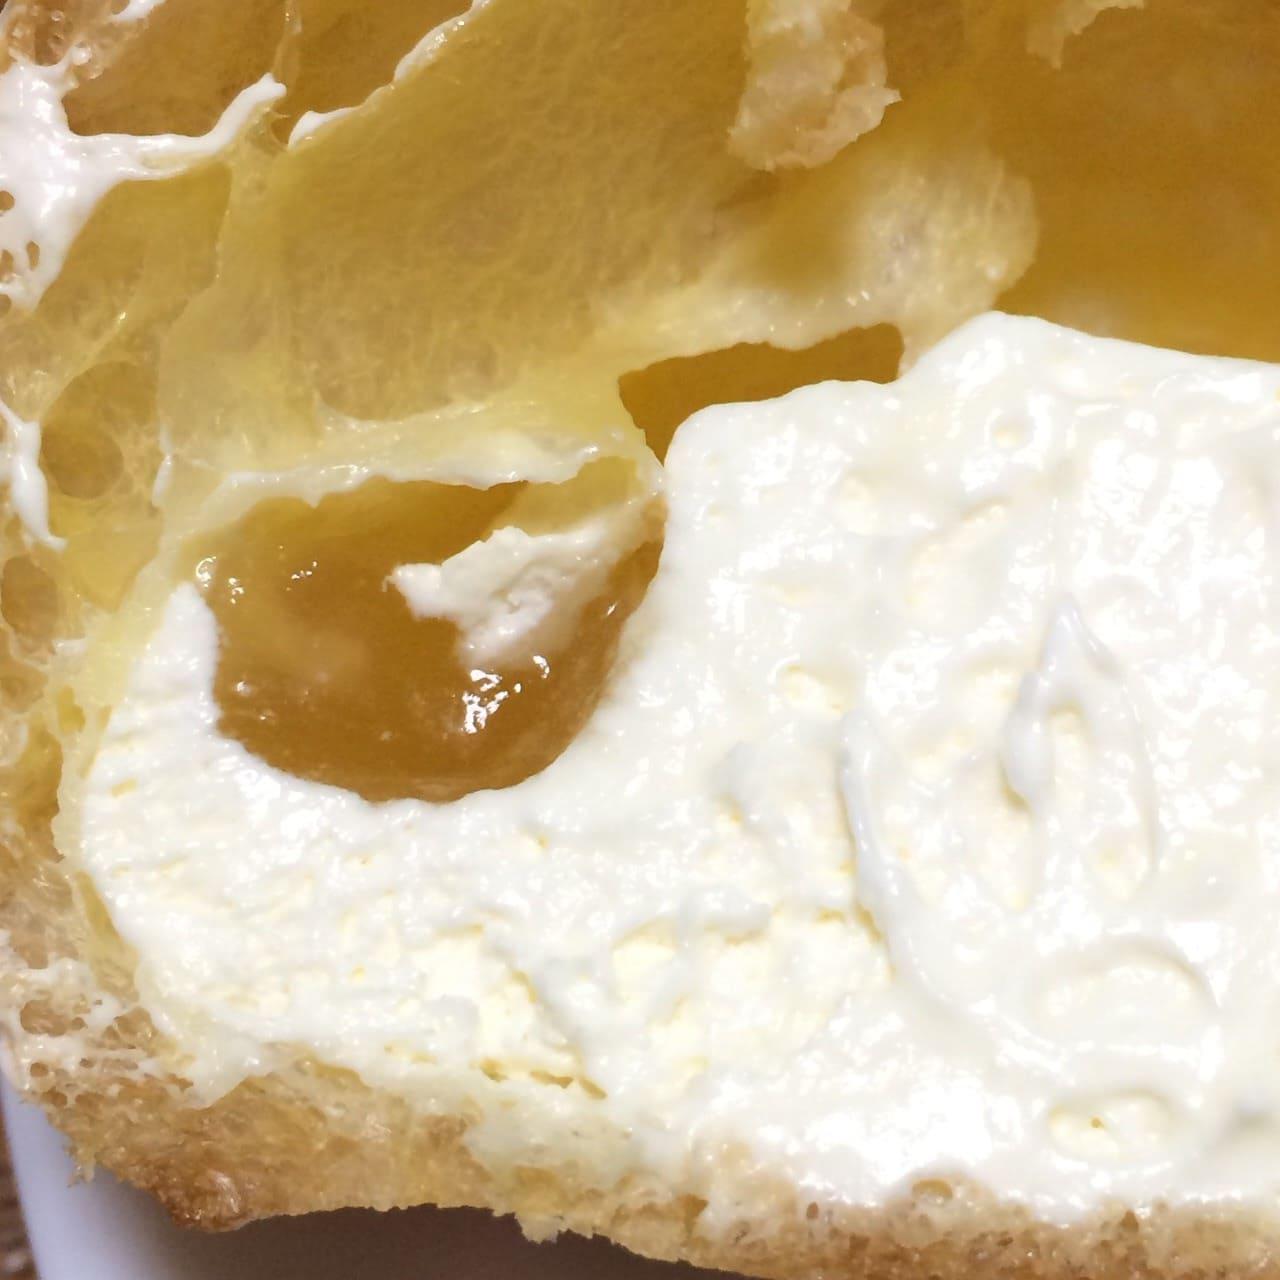 瀬戸内レモンのシュークリームレモンソース